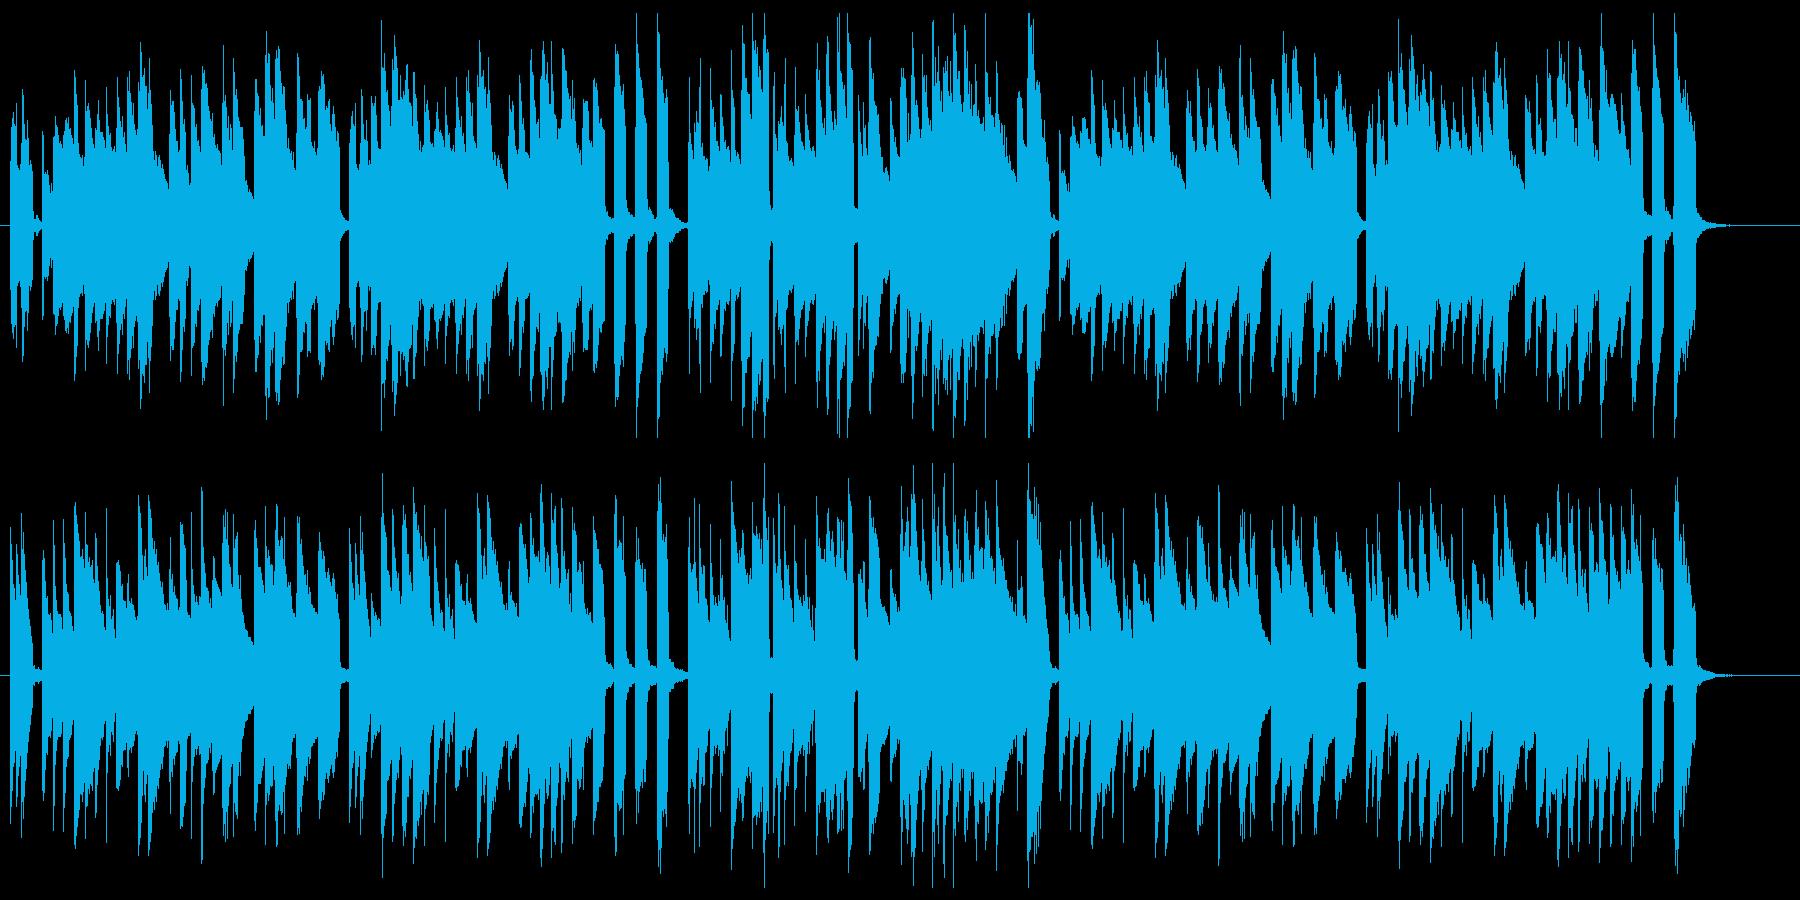 チェンバロによる高貴なバロック音楽の再生済みの波形